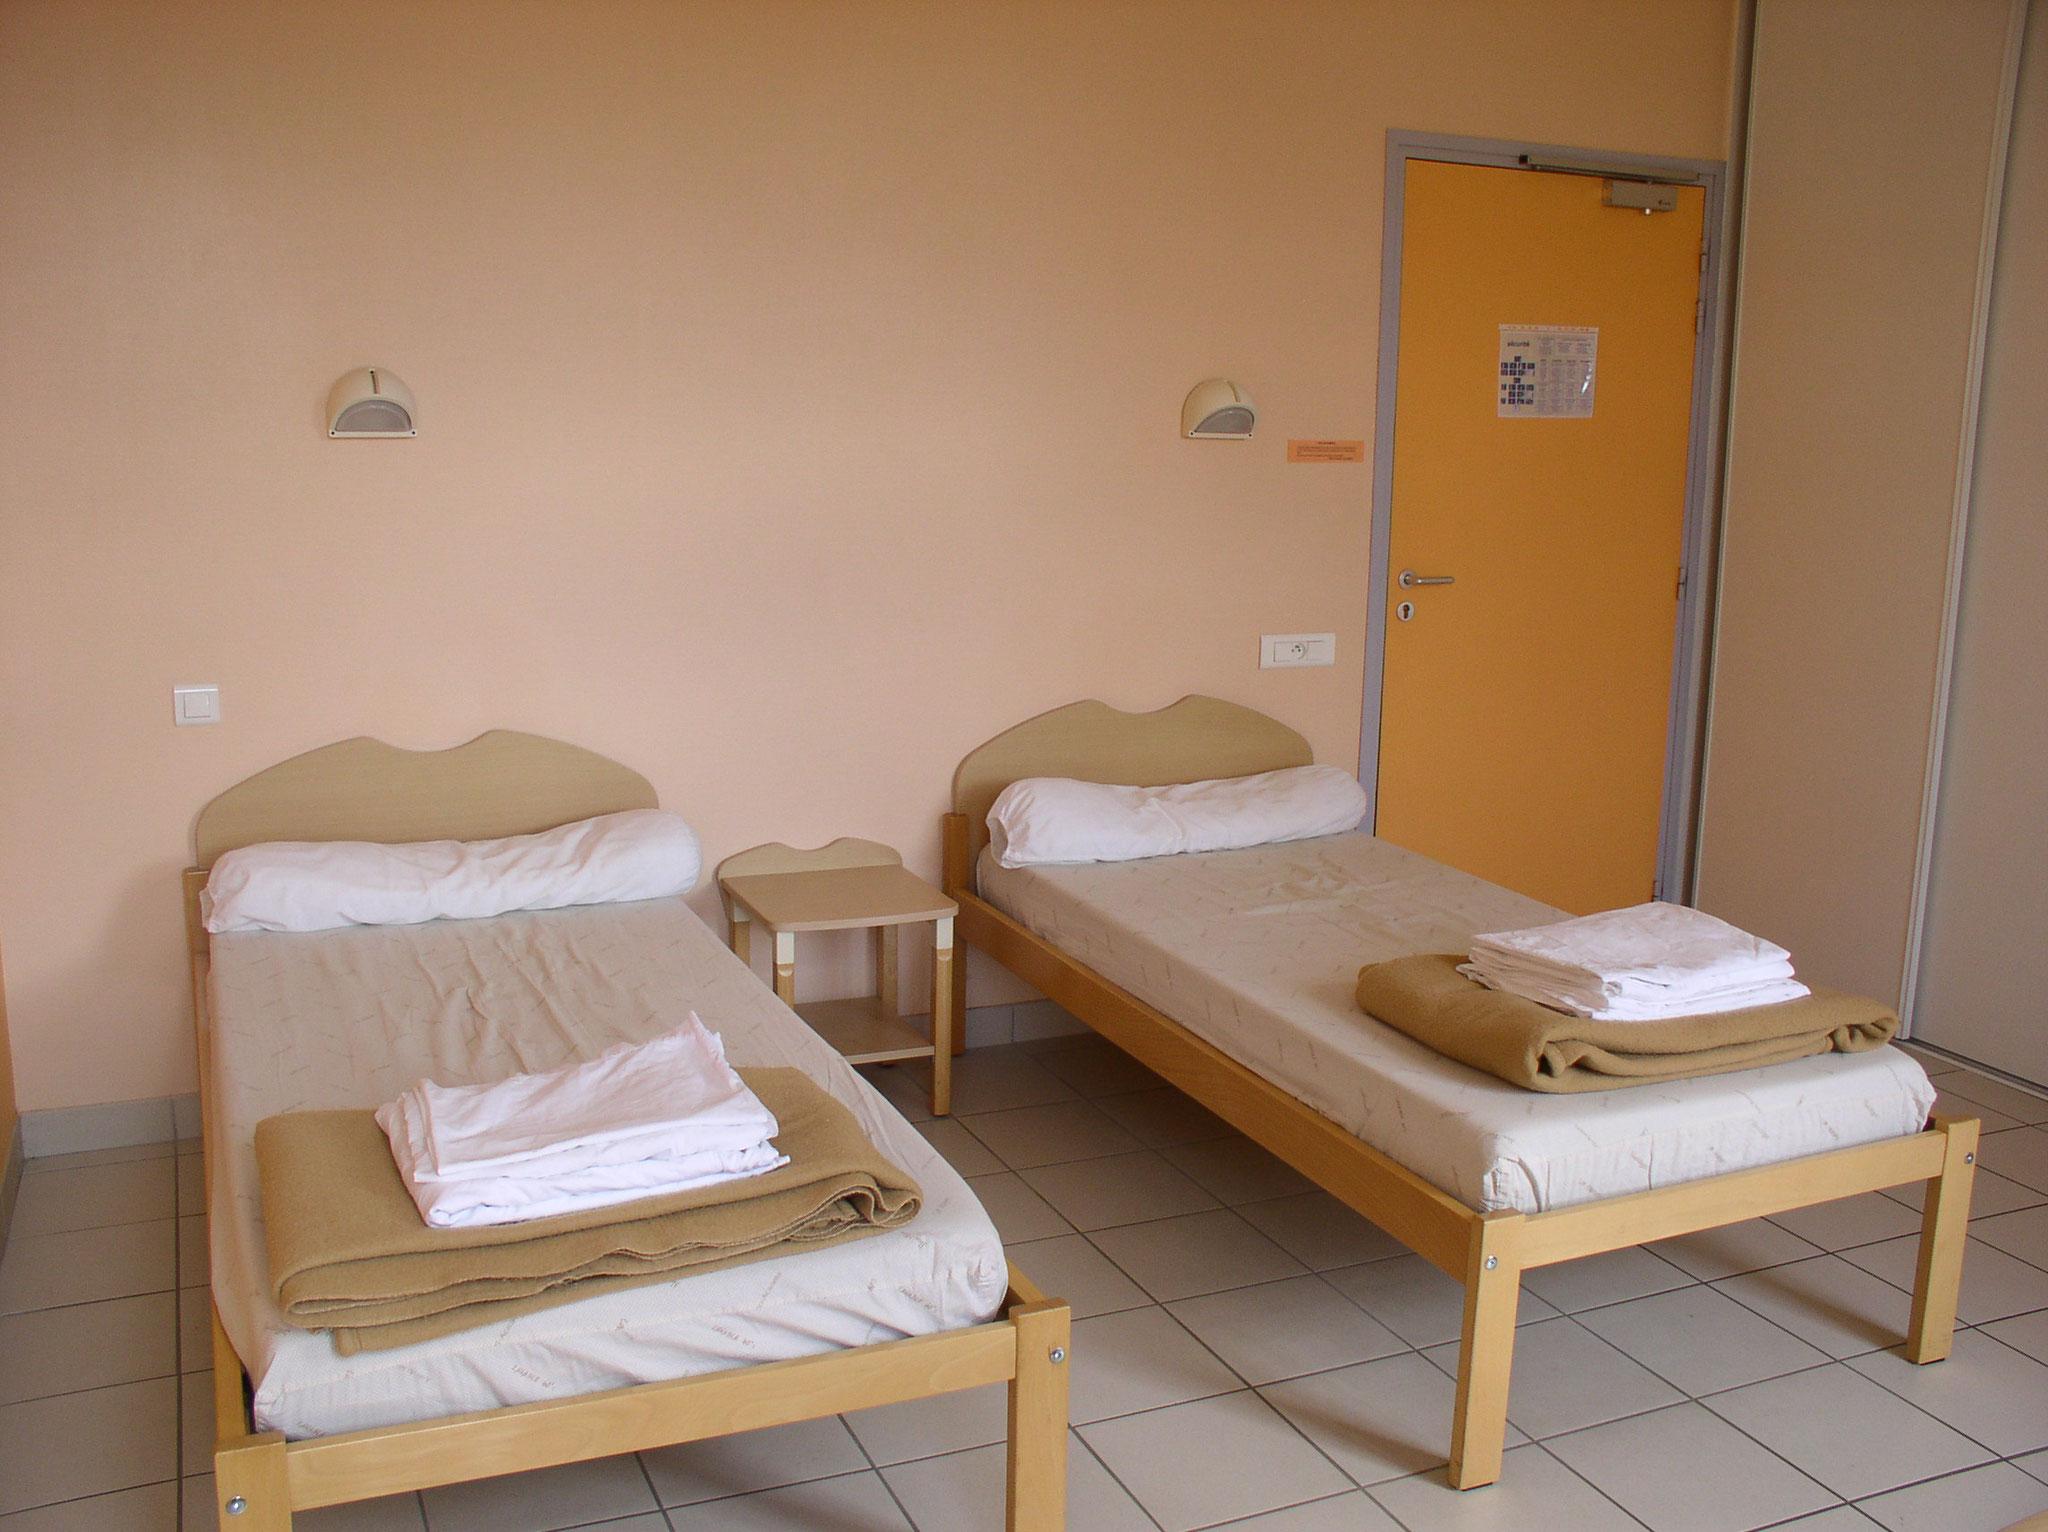 Cette chambre comprend deux lits  avec possibilité d'obtenir un à deux lits médicalisés gratuitement.